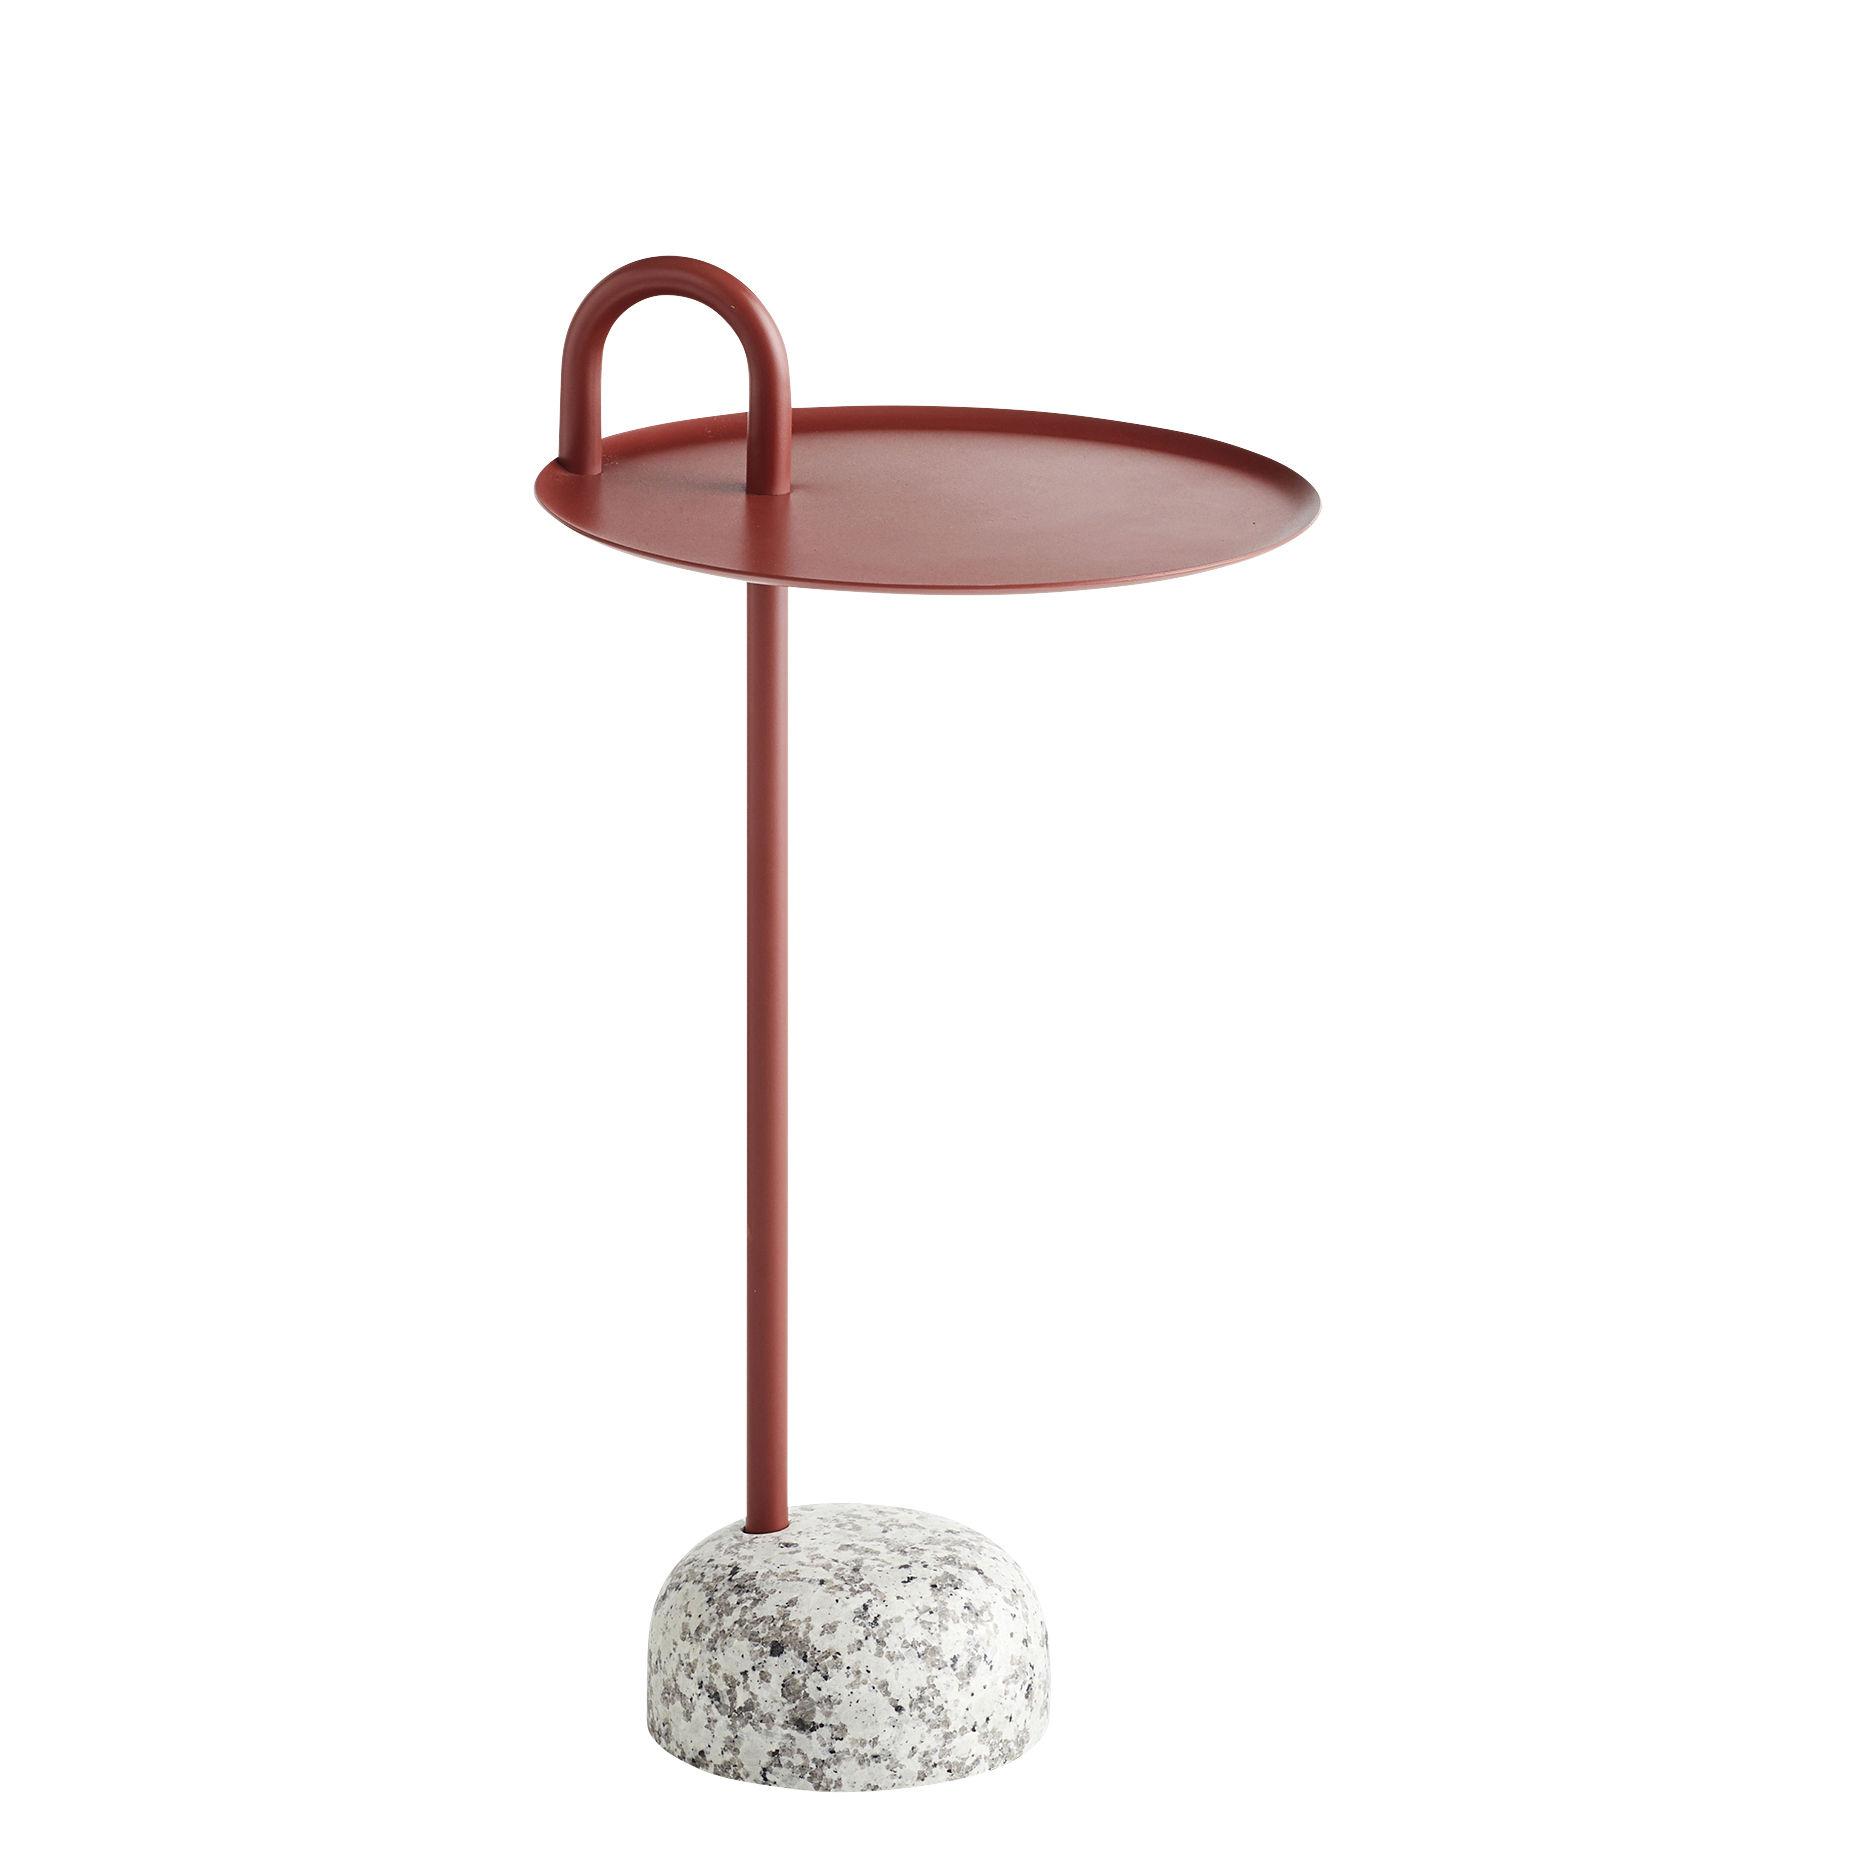 Mobilier - Tables basses - Table d'appoint Bowler / Métal & granit - Hay - Rouge / Granit gris - Acier laqué époxy, Granite